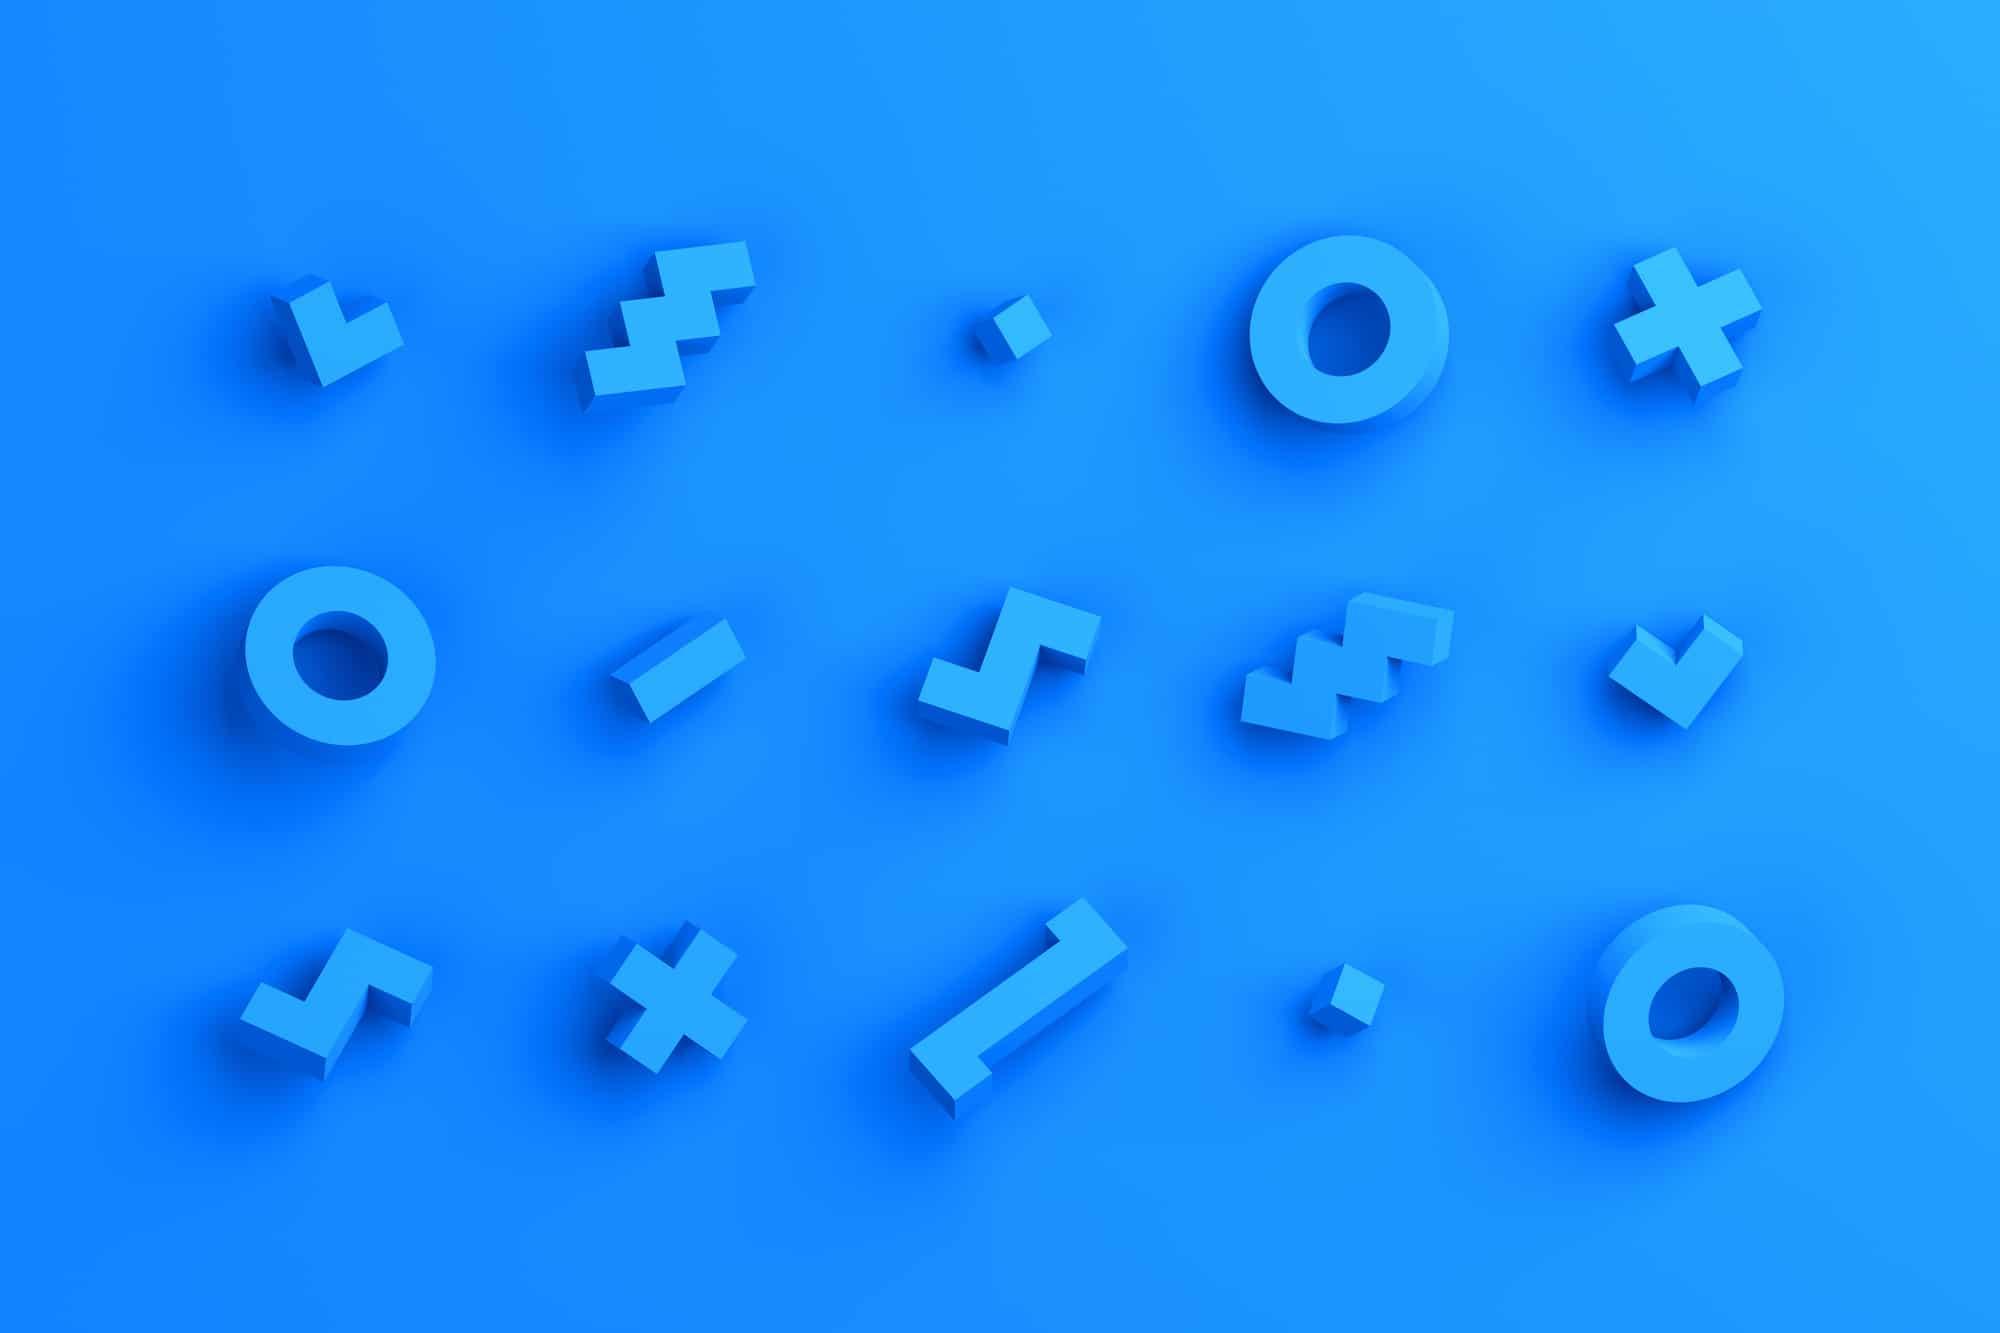 fonts for unique design